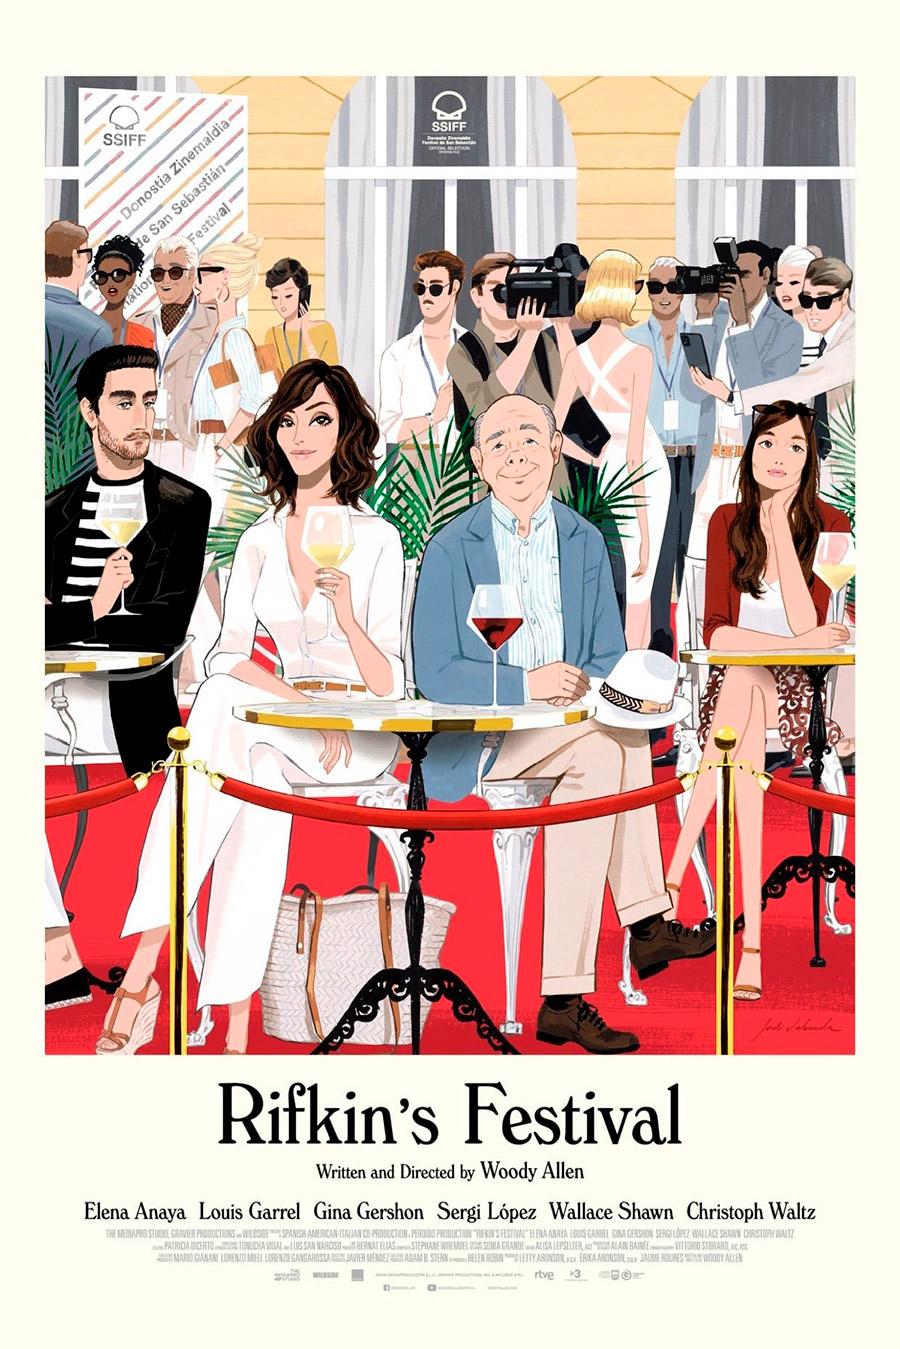 Película Rifkin's Festival de Woody Allen, cartel ilustración de Jordi Lavanda